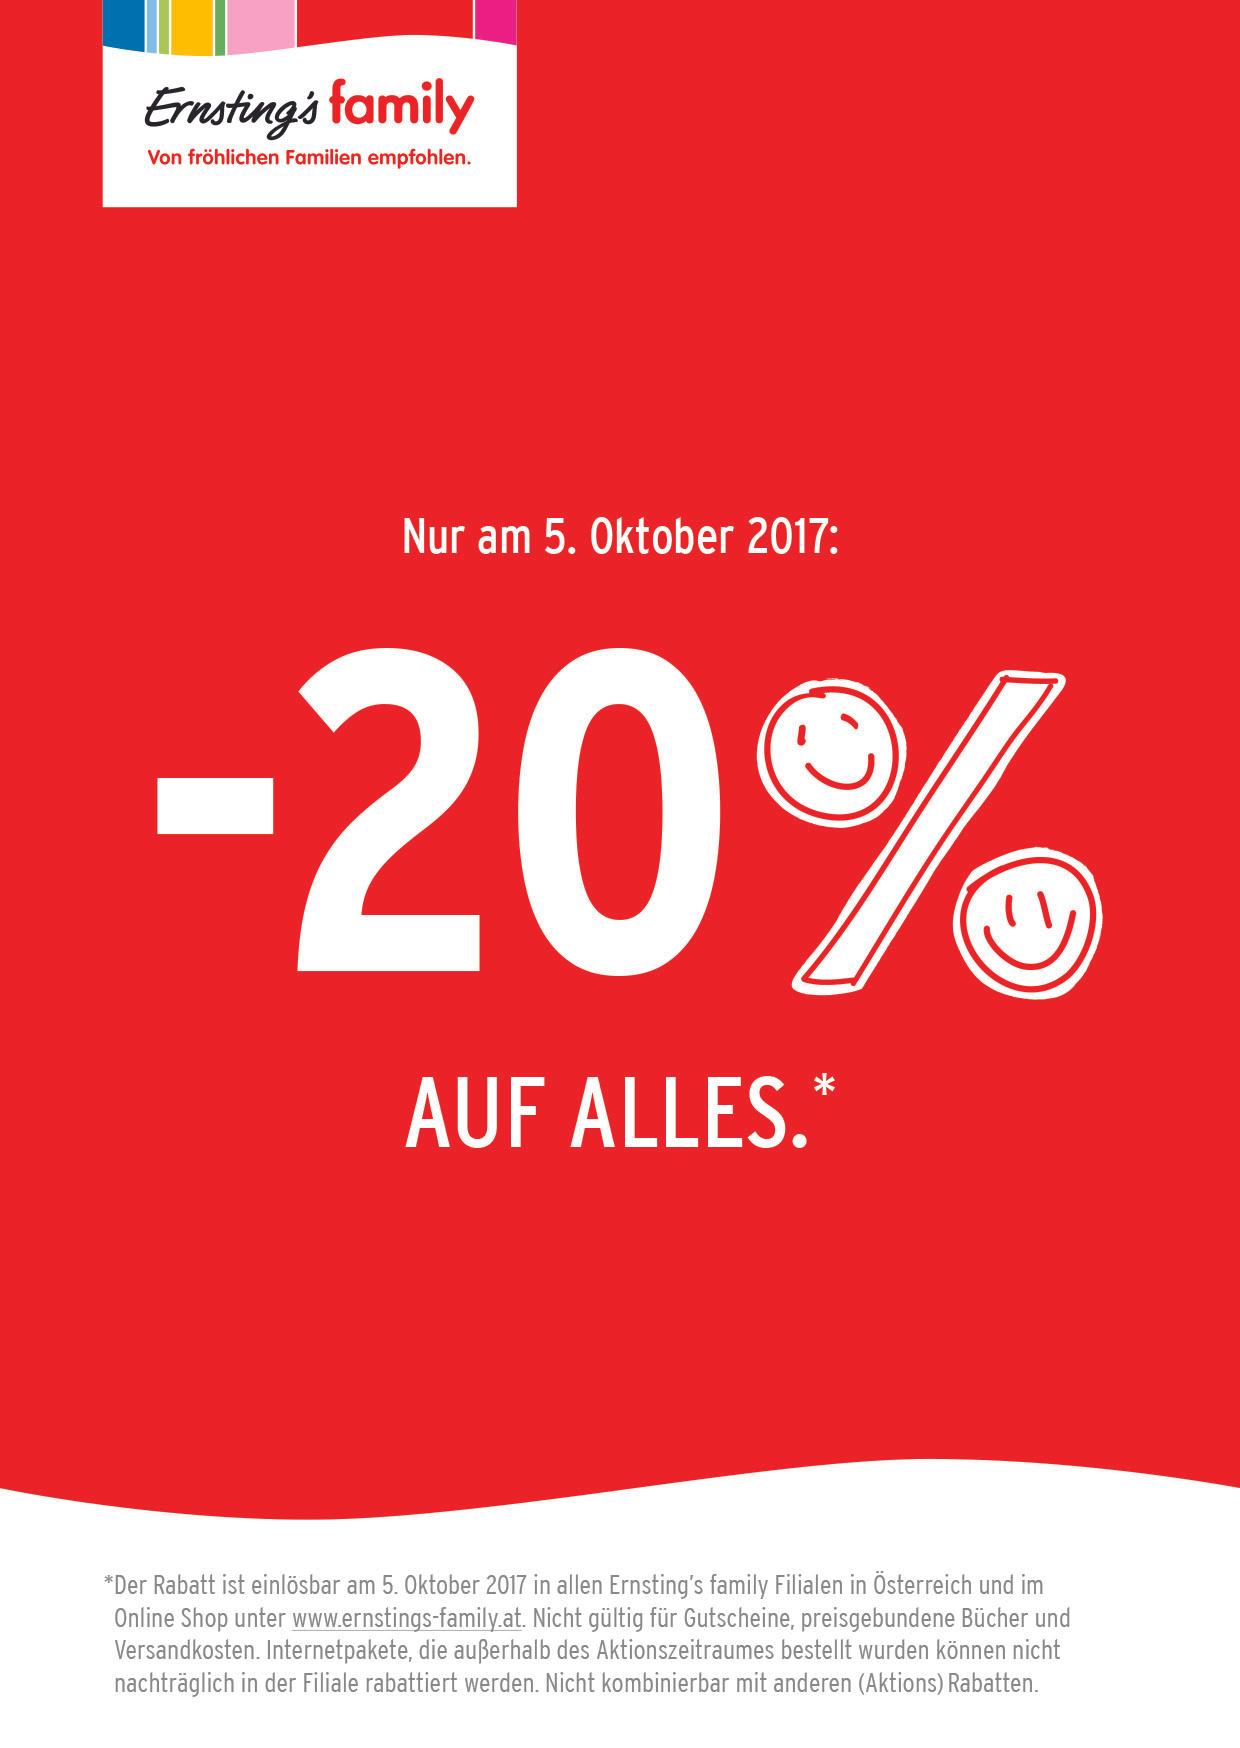 Ernsting's family: 20% Rabatt auf alles - nur am 5. Oktober